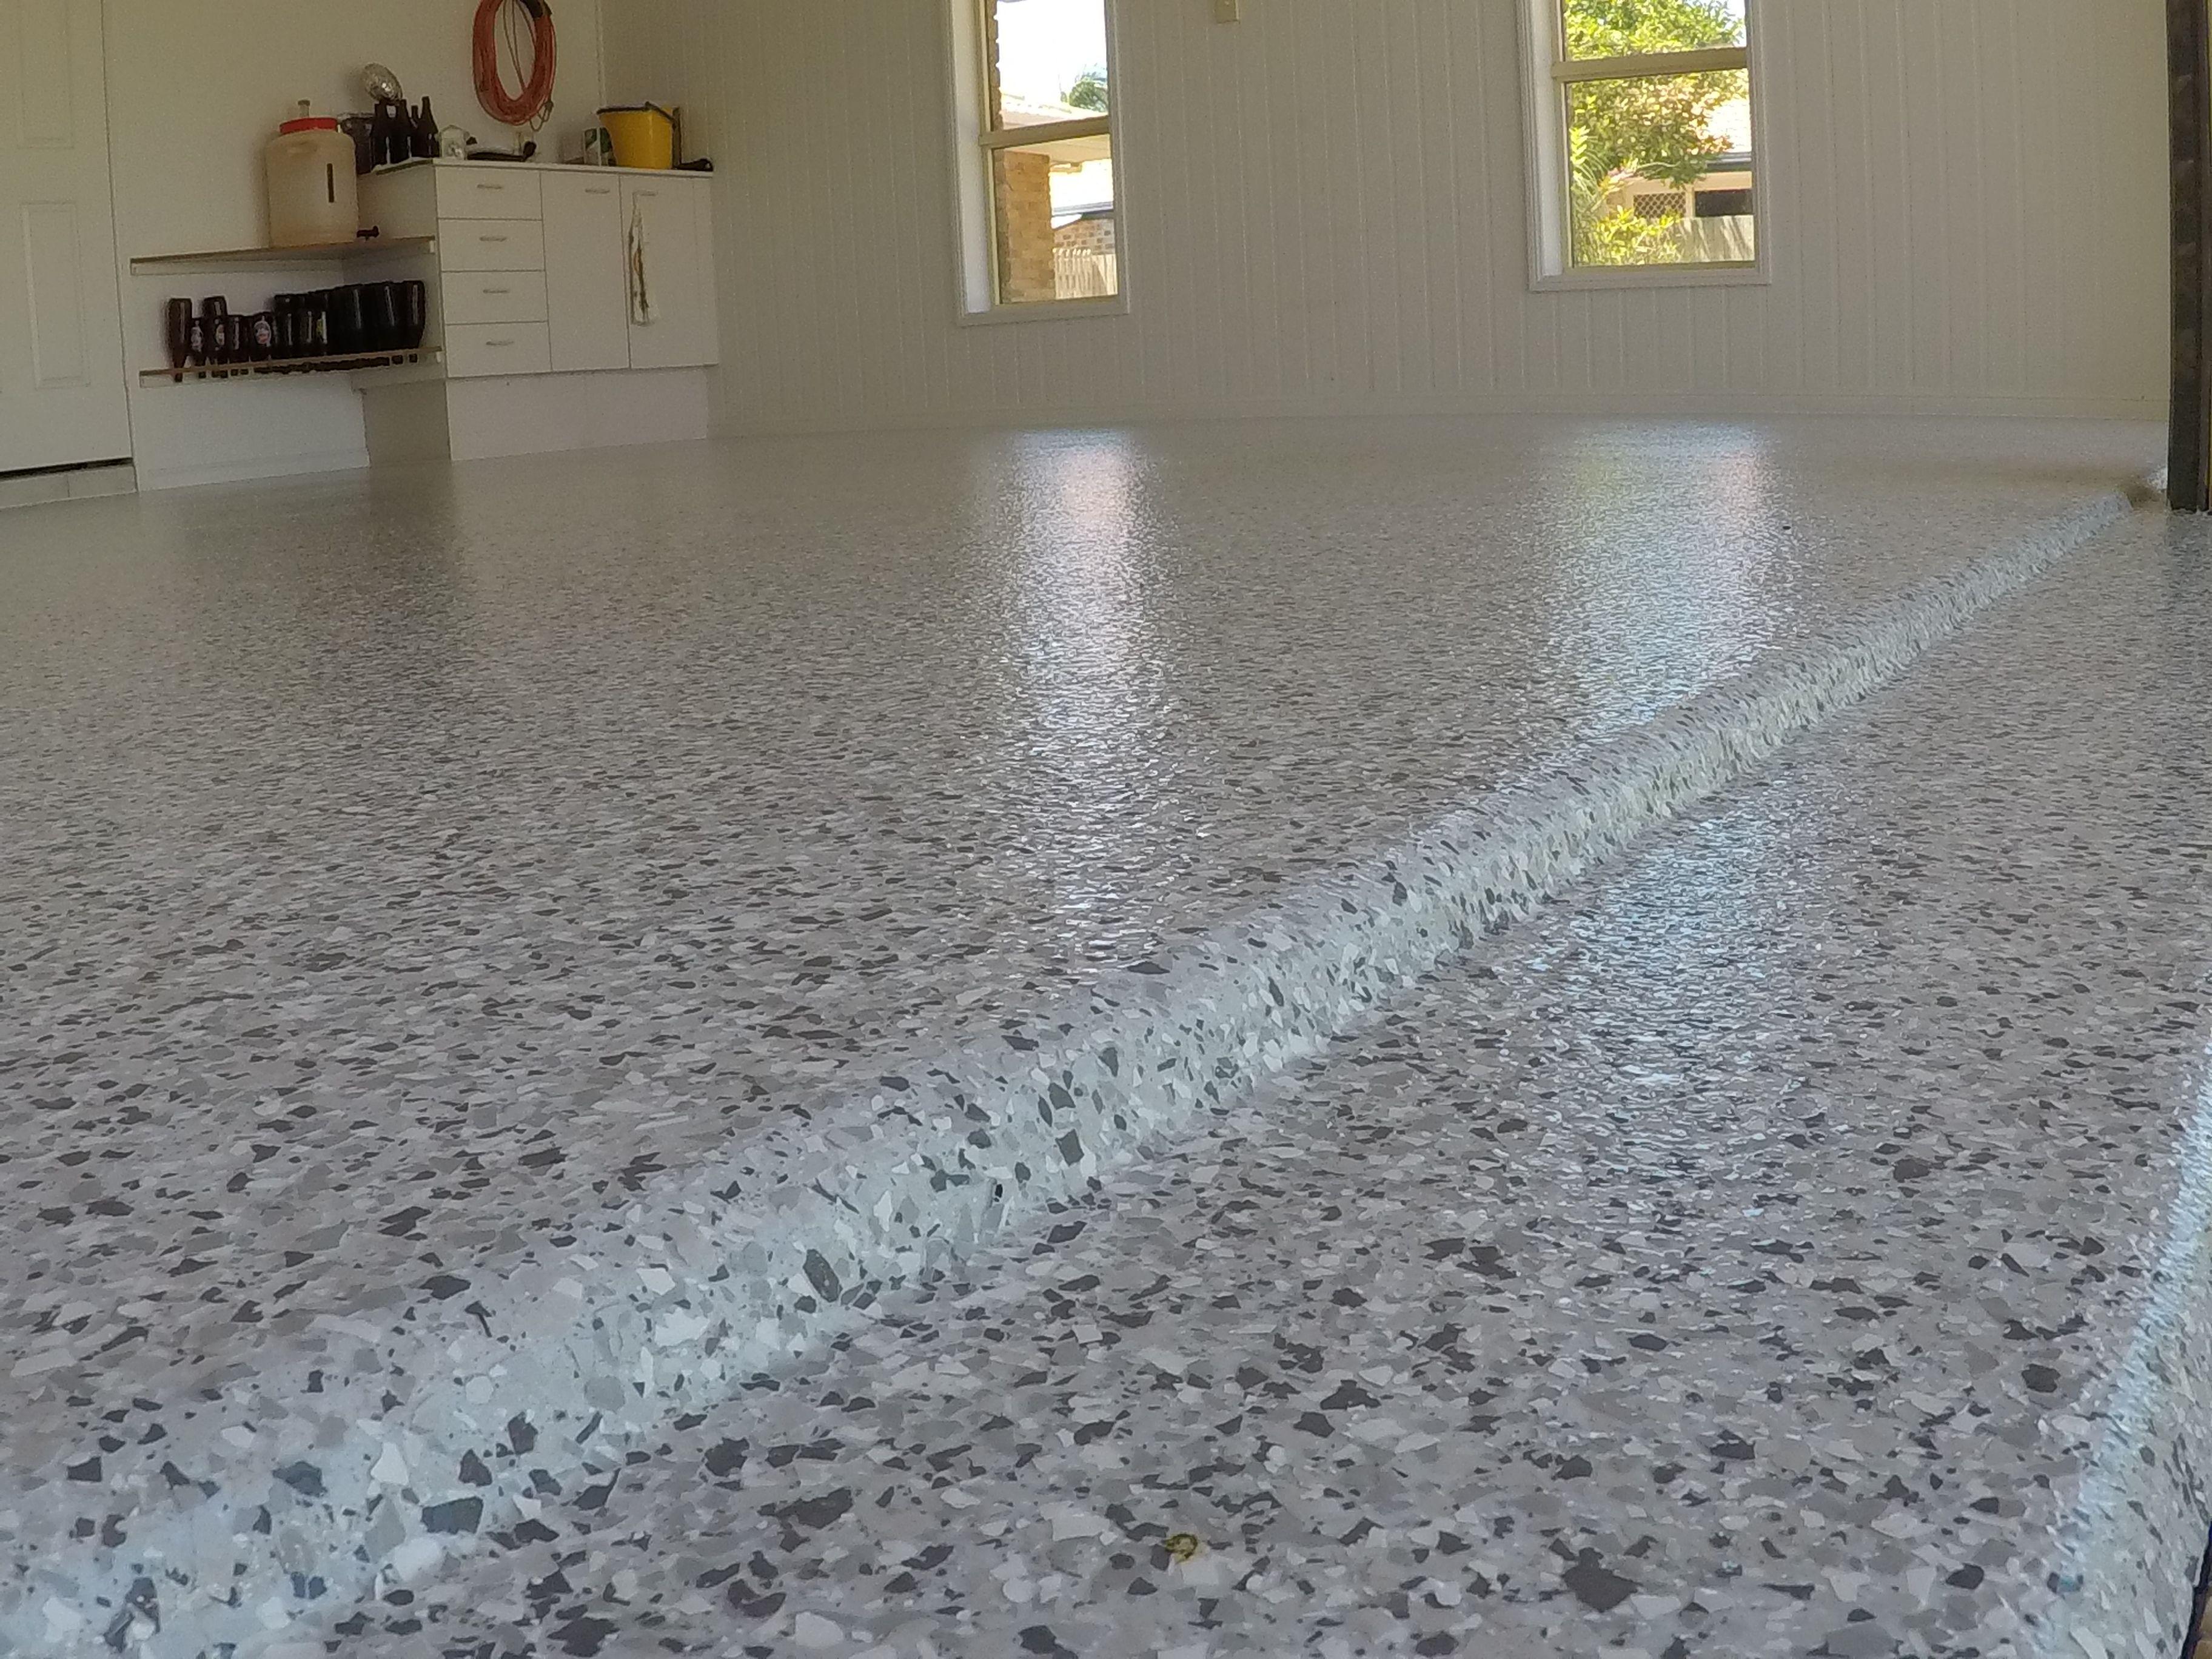 Flake Epoxy Flooring Coolum Beach Epoxy Floor Epoxy Floor Coating Floor Coating